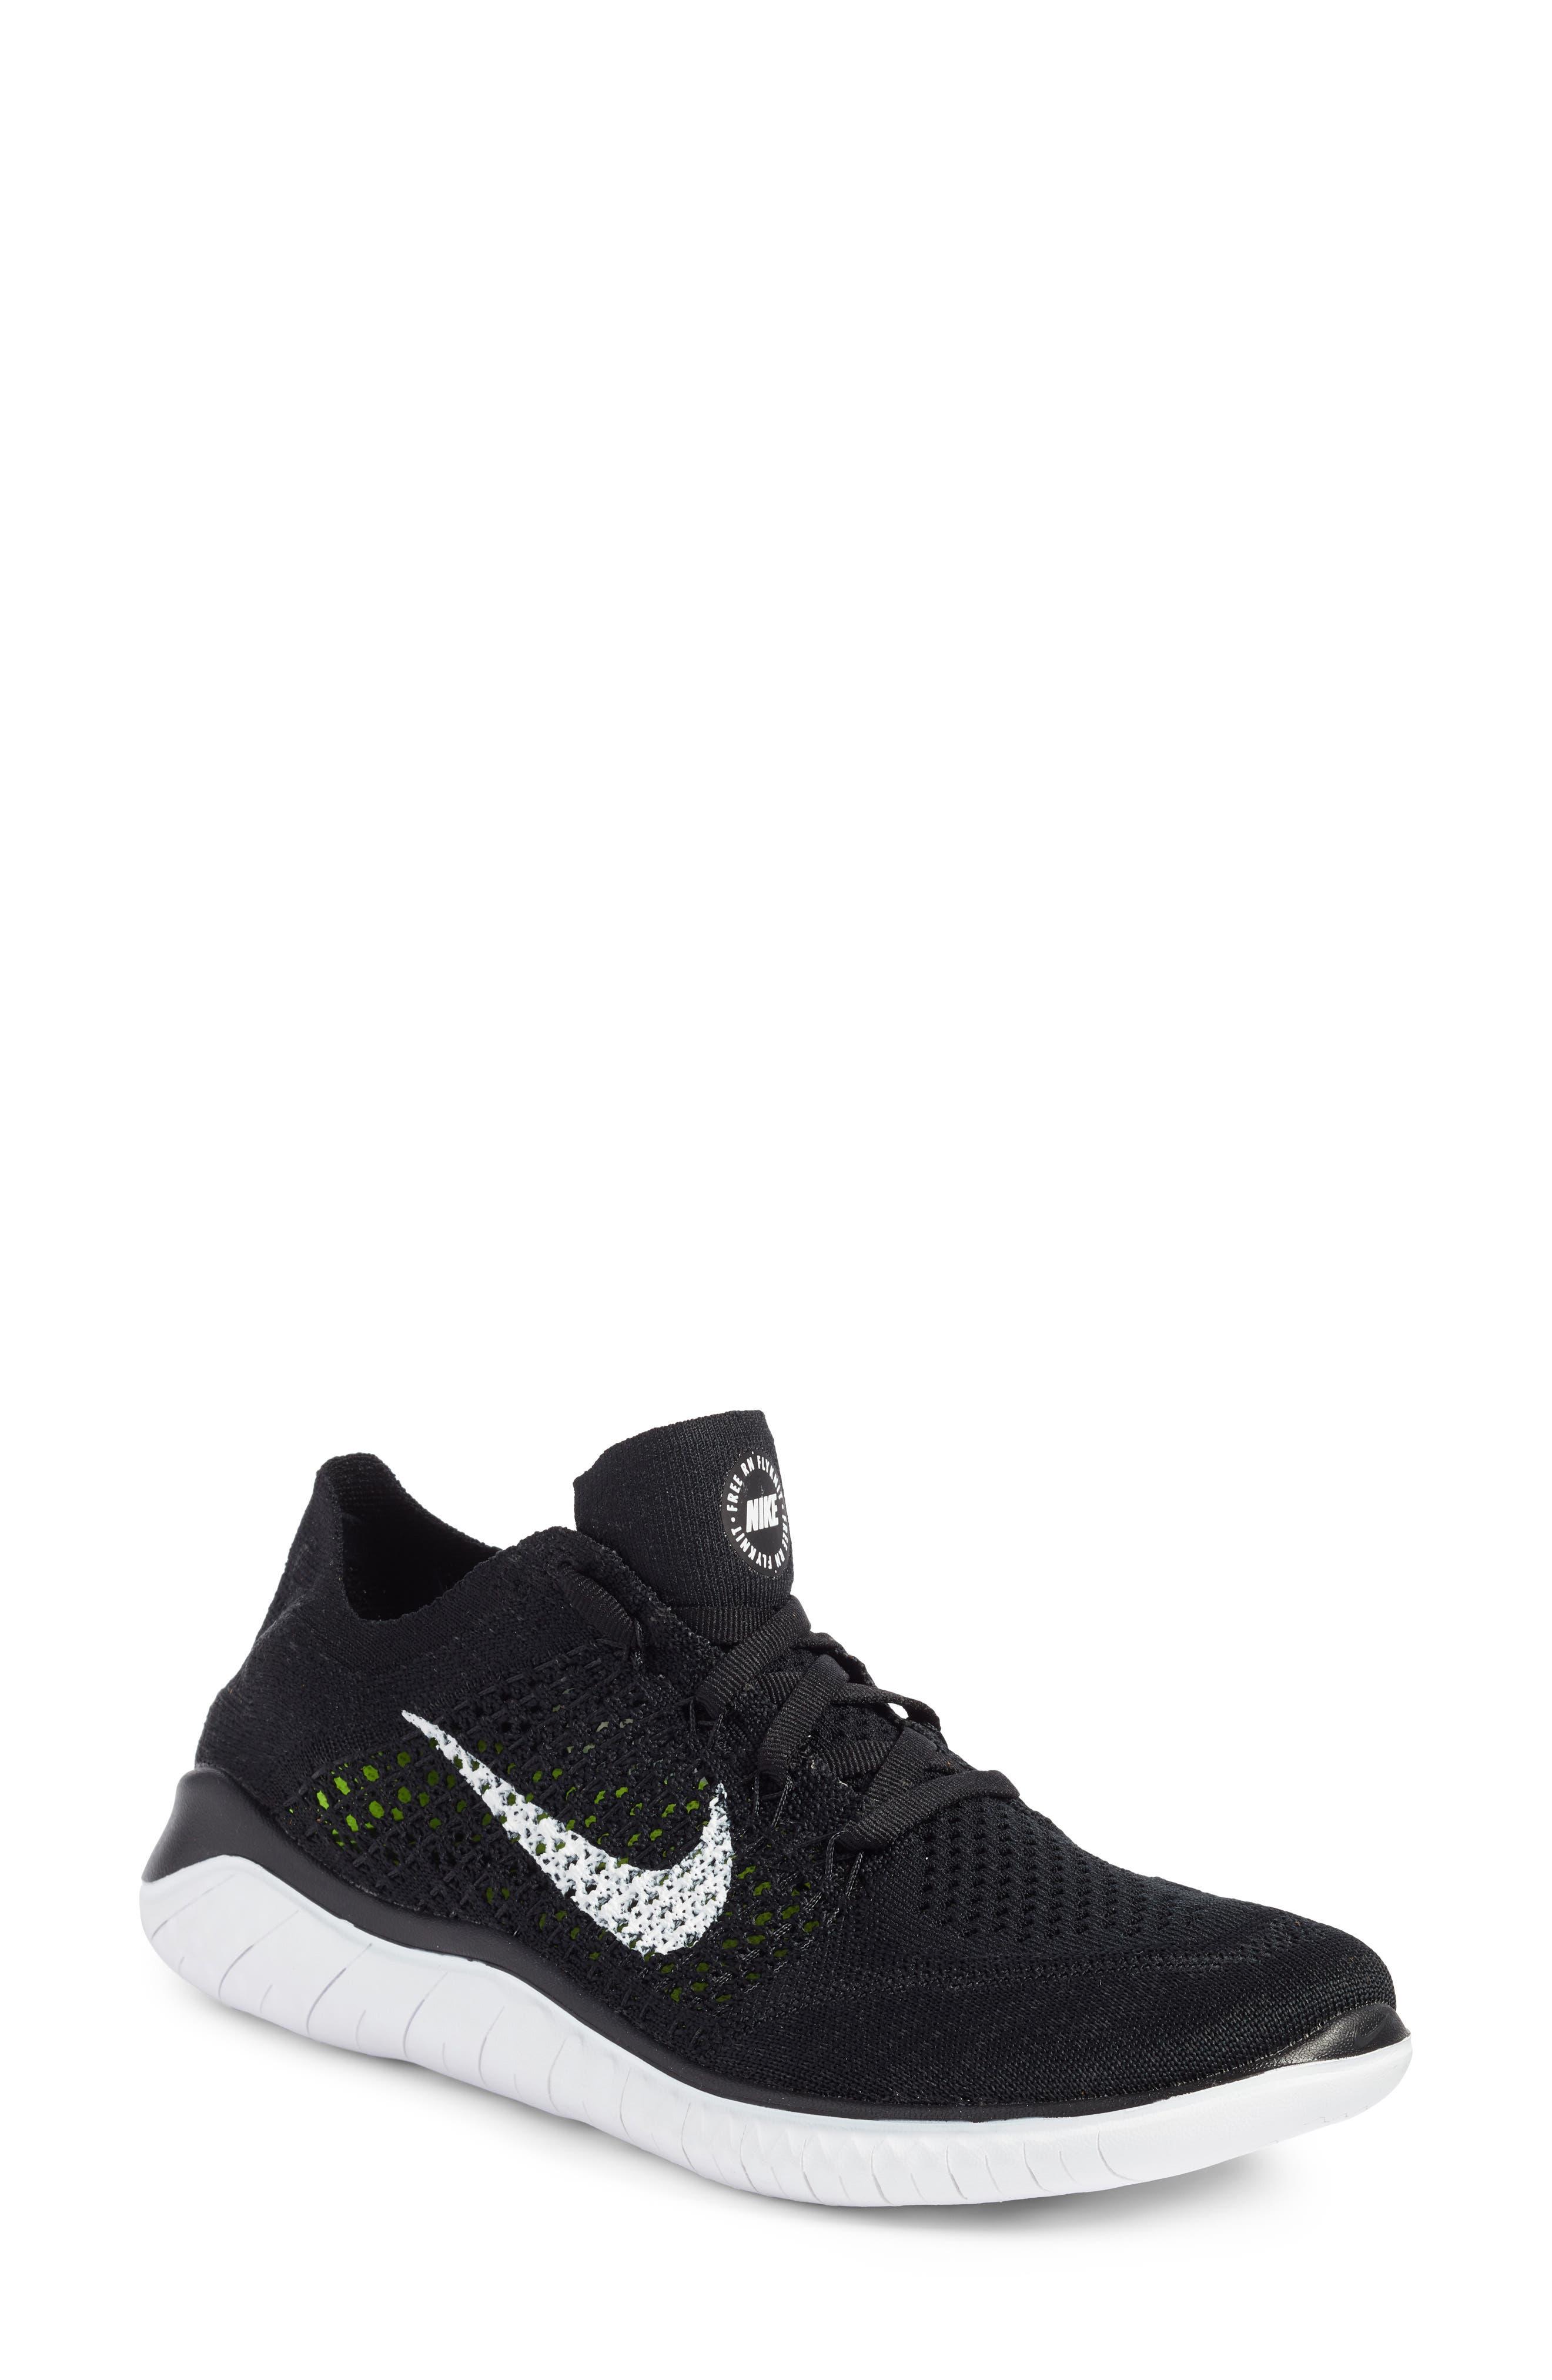 deba86c56 Nike Free Rn Flyknit 2018 Running Shoe- Black